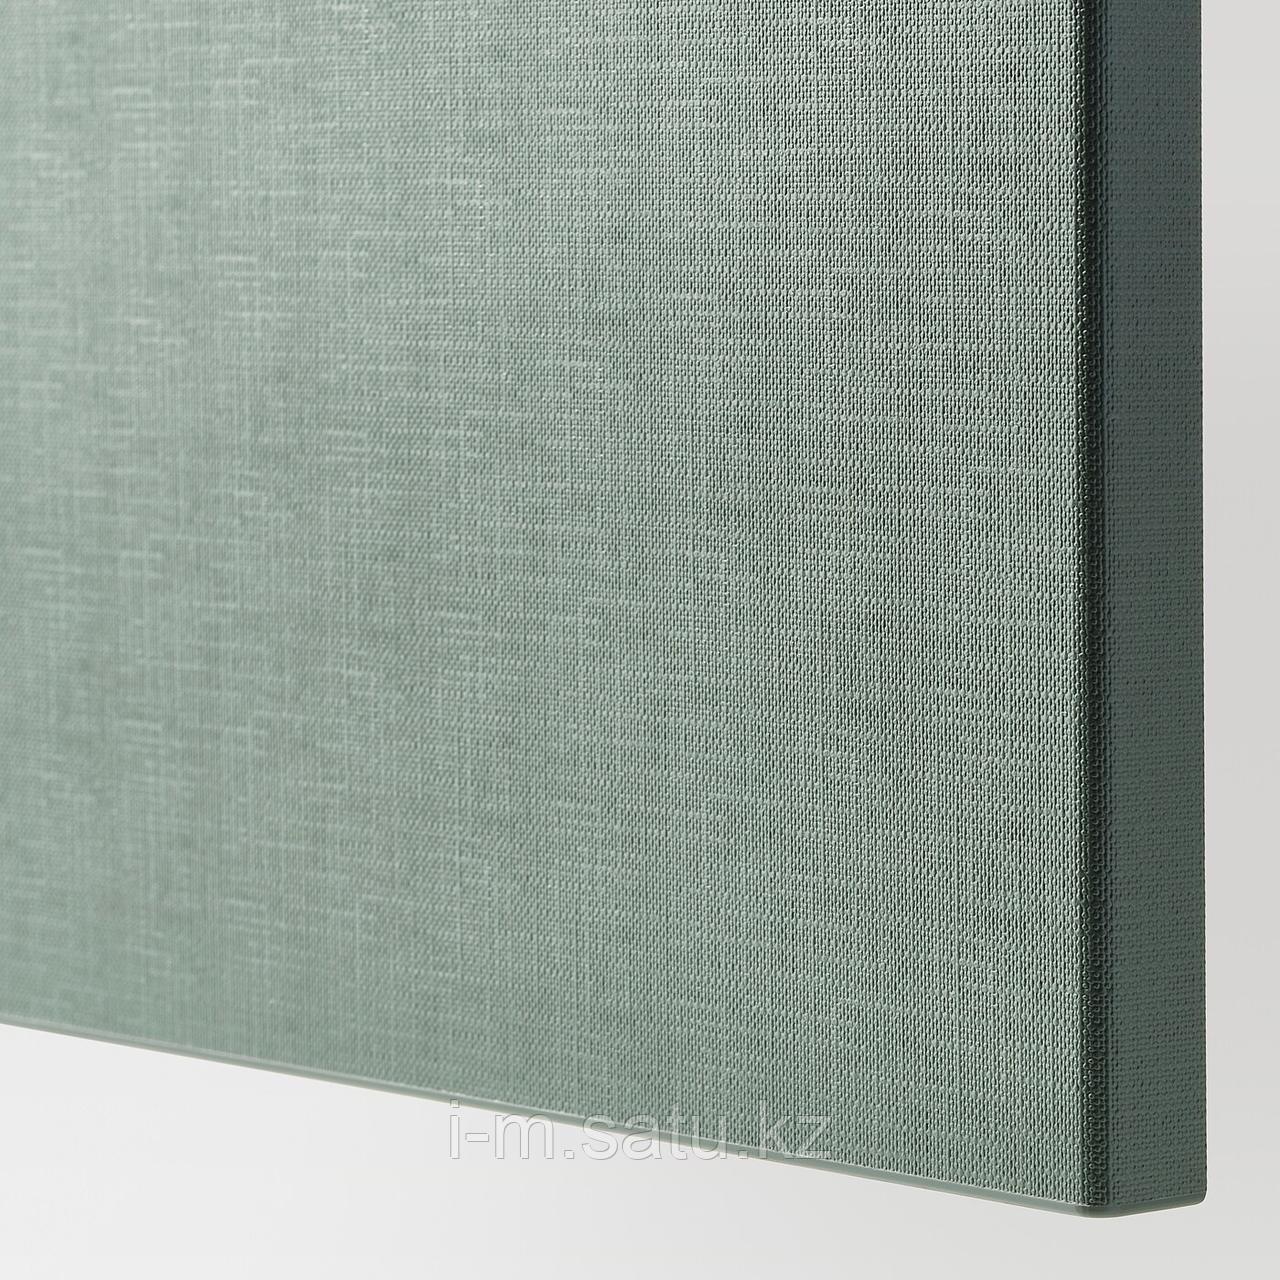 НОТВИКЕН Фронтальная панель ящика, серо-зеленый, 60x26 см